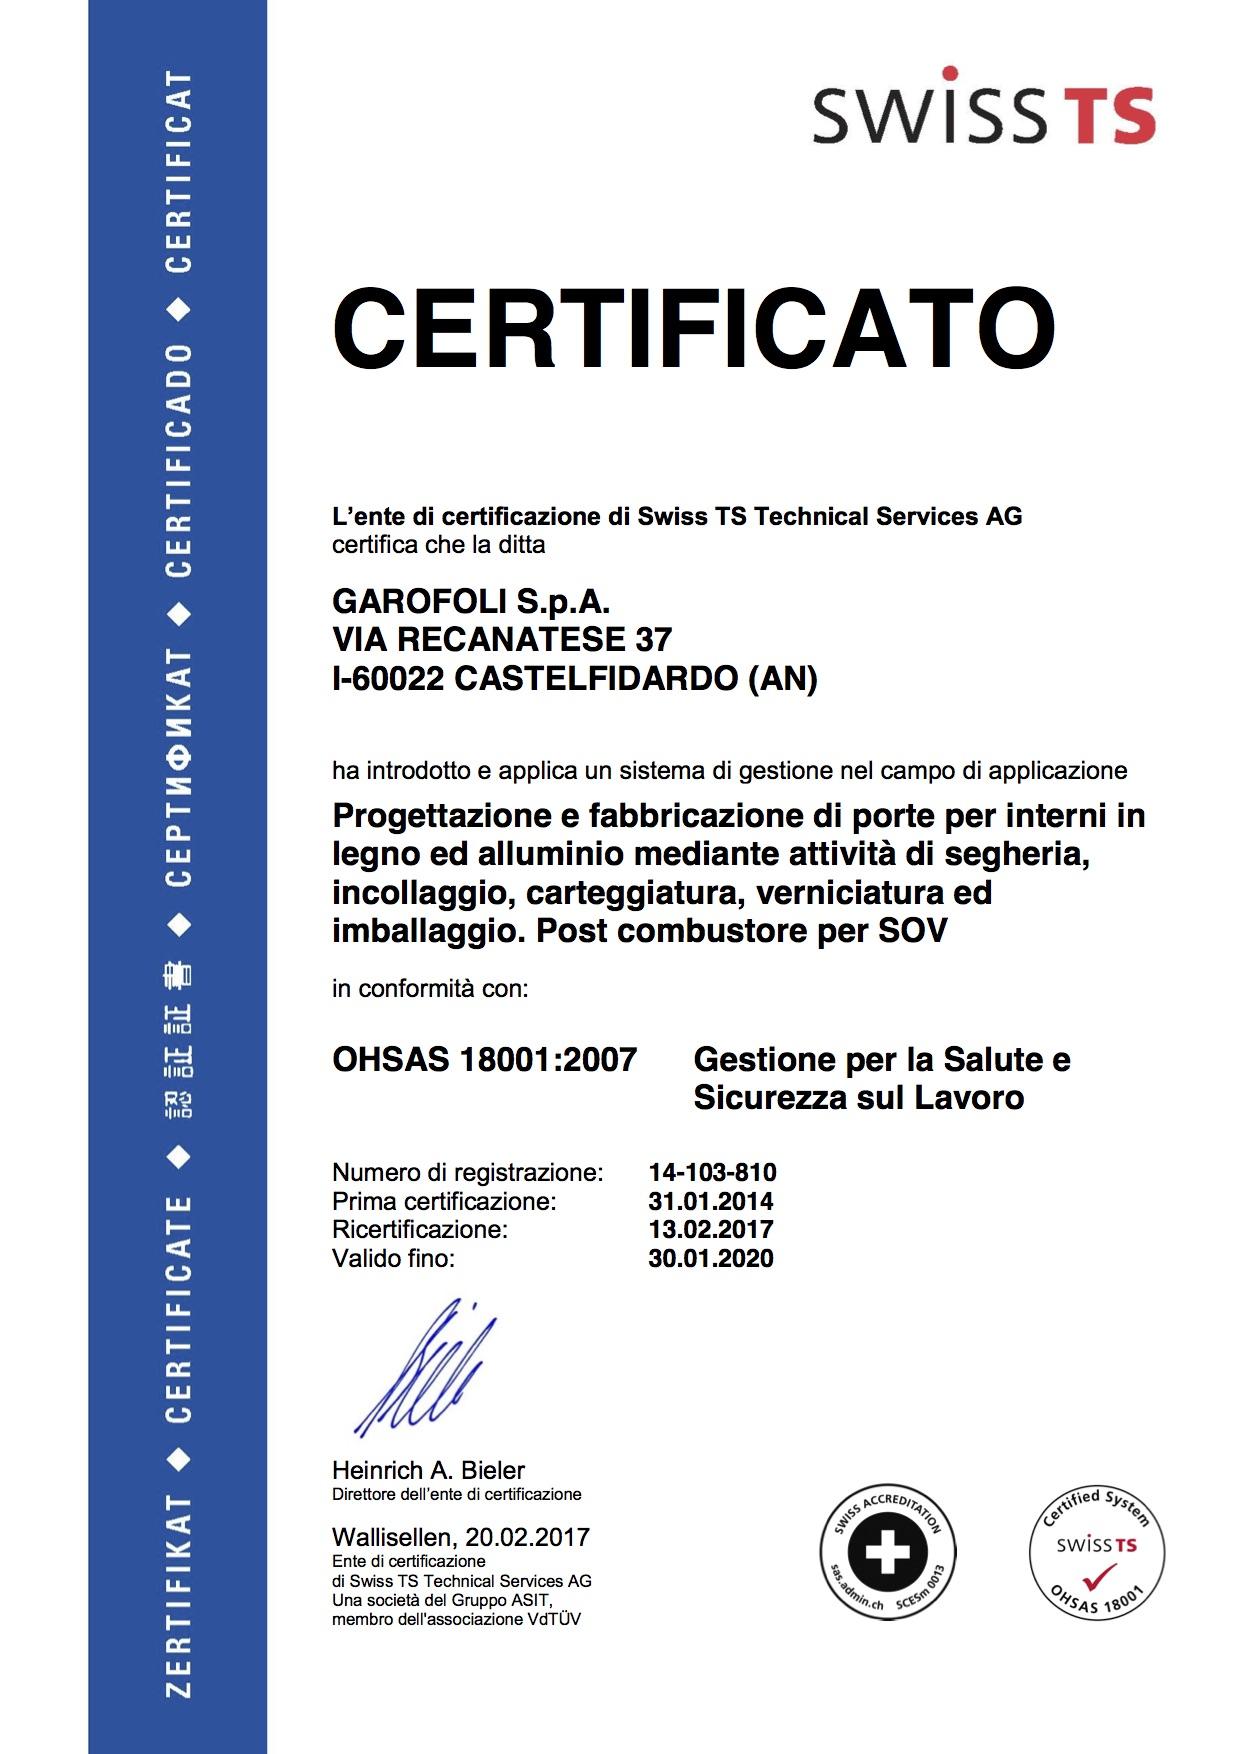 Garofoli OHSAS 18001 - Garofoli